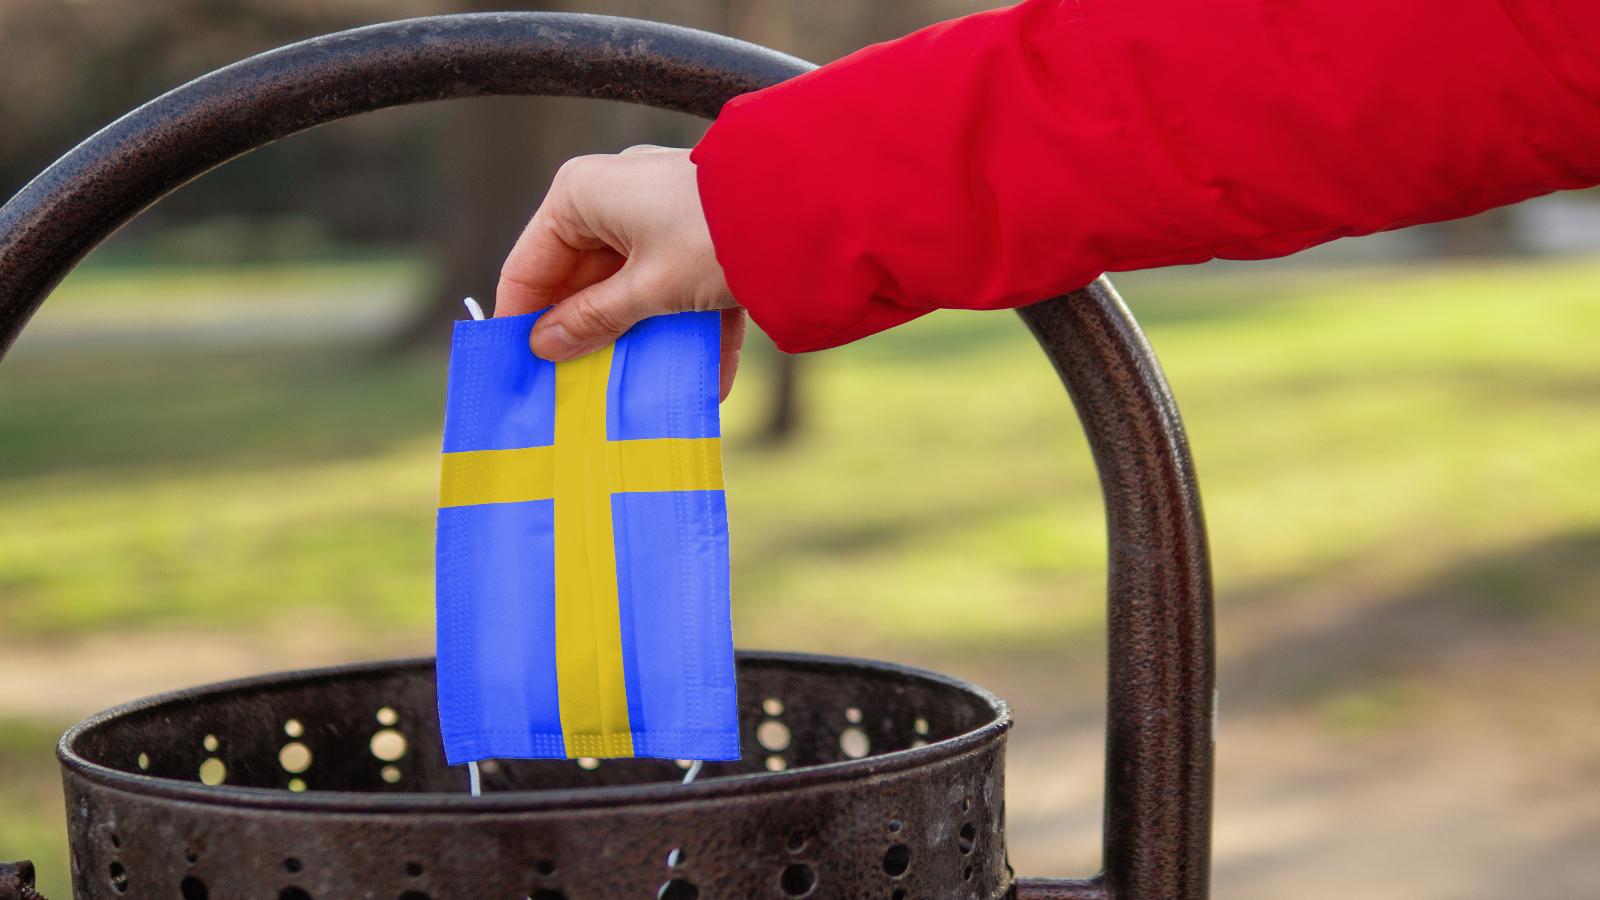 Schwedens Epidemiologe Tegnell: Lockdowns sind keine langfristige Lösung